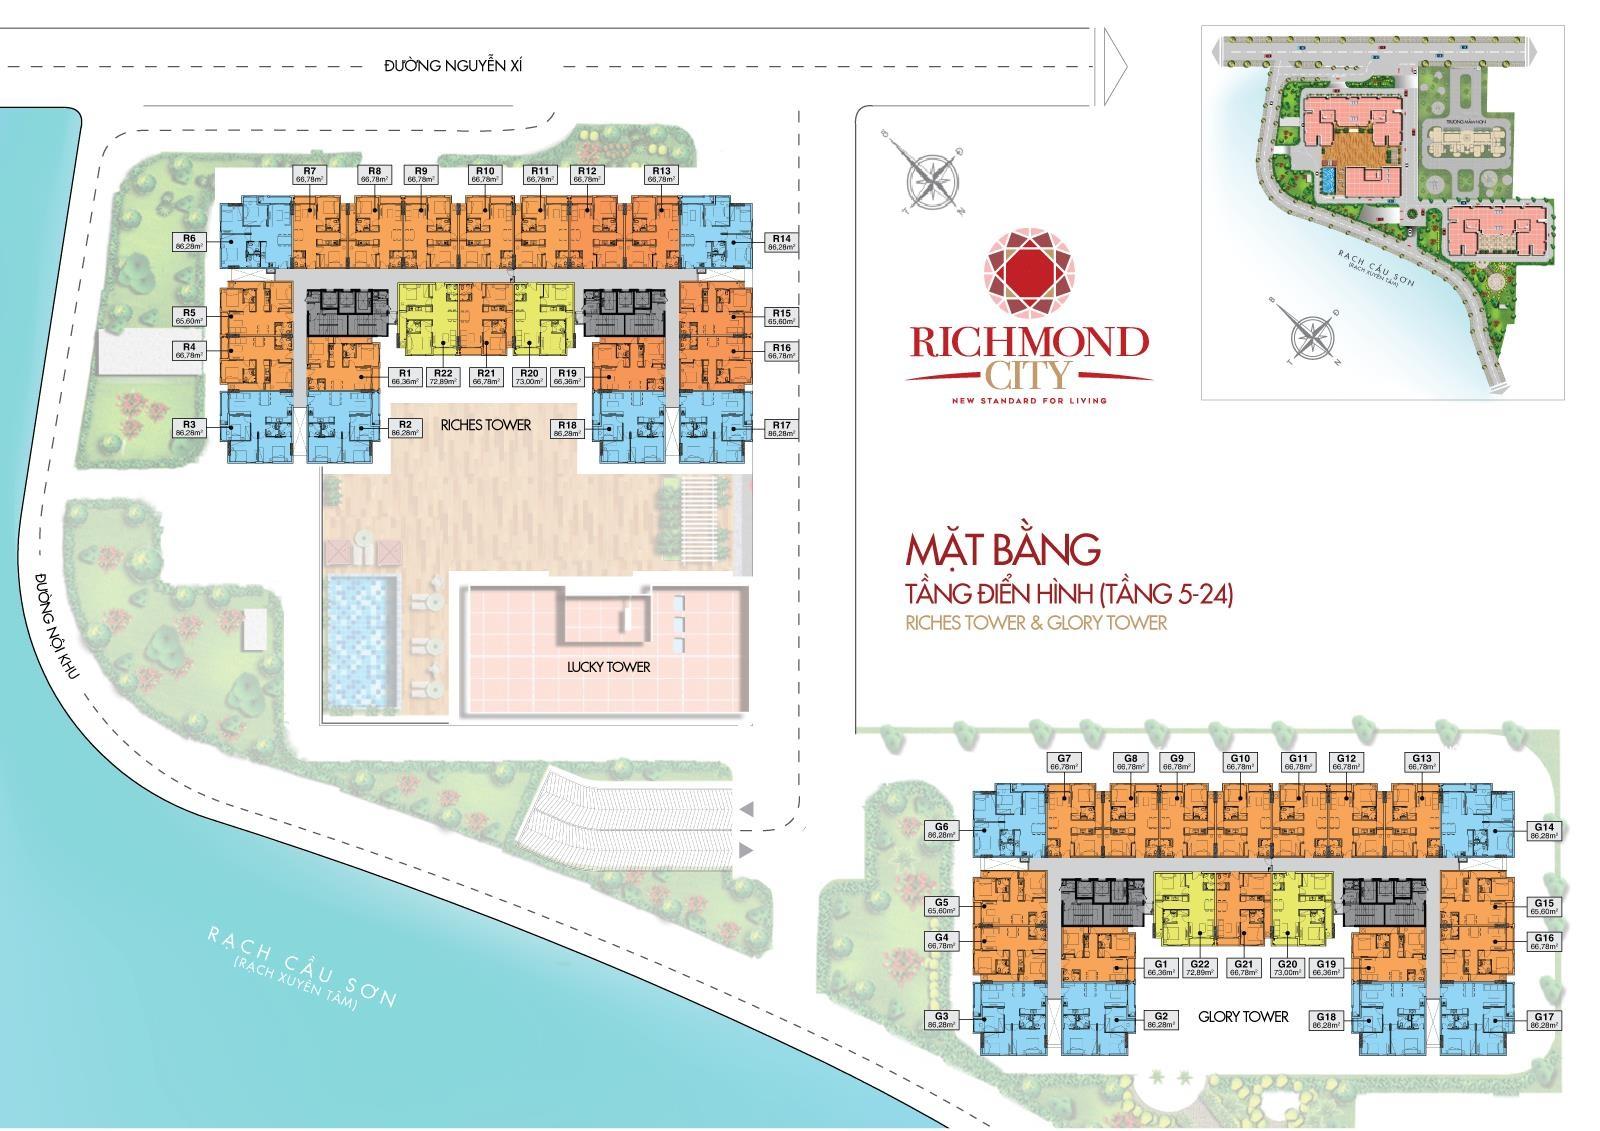 Mặt bằng tổng thể dự án richmond city